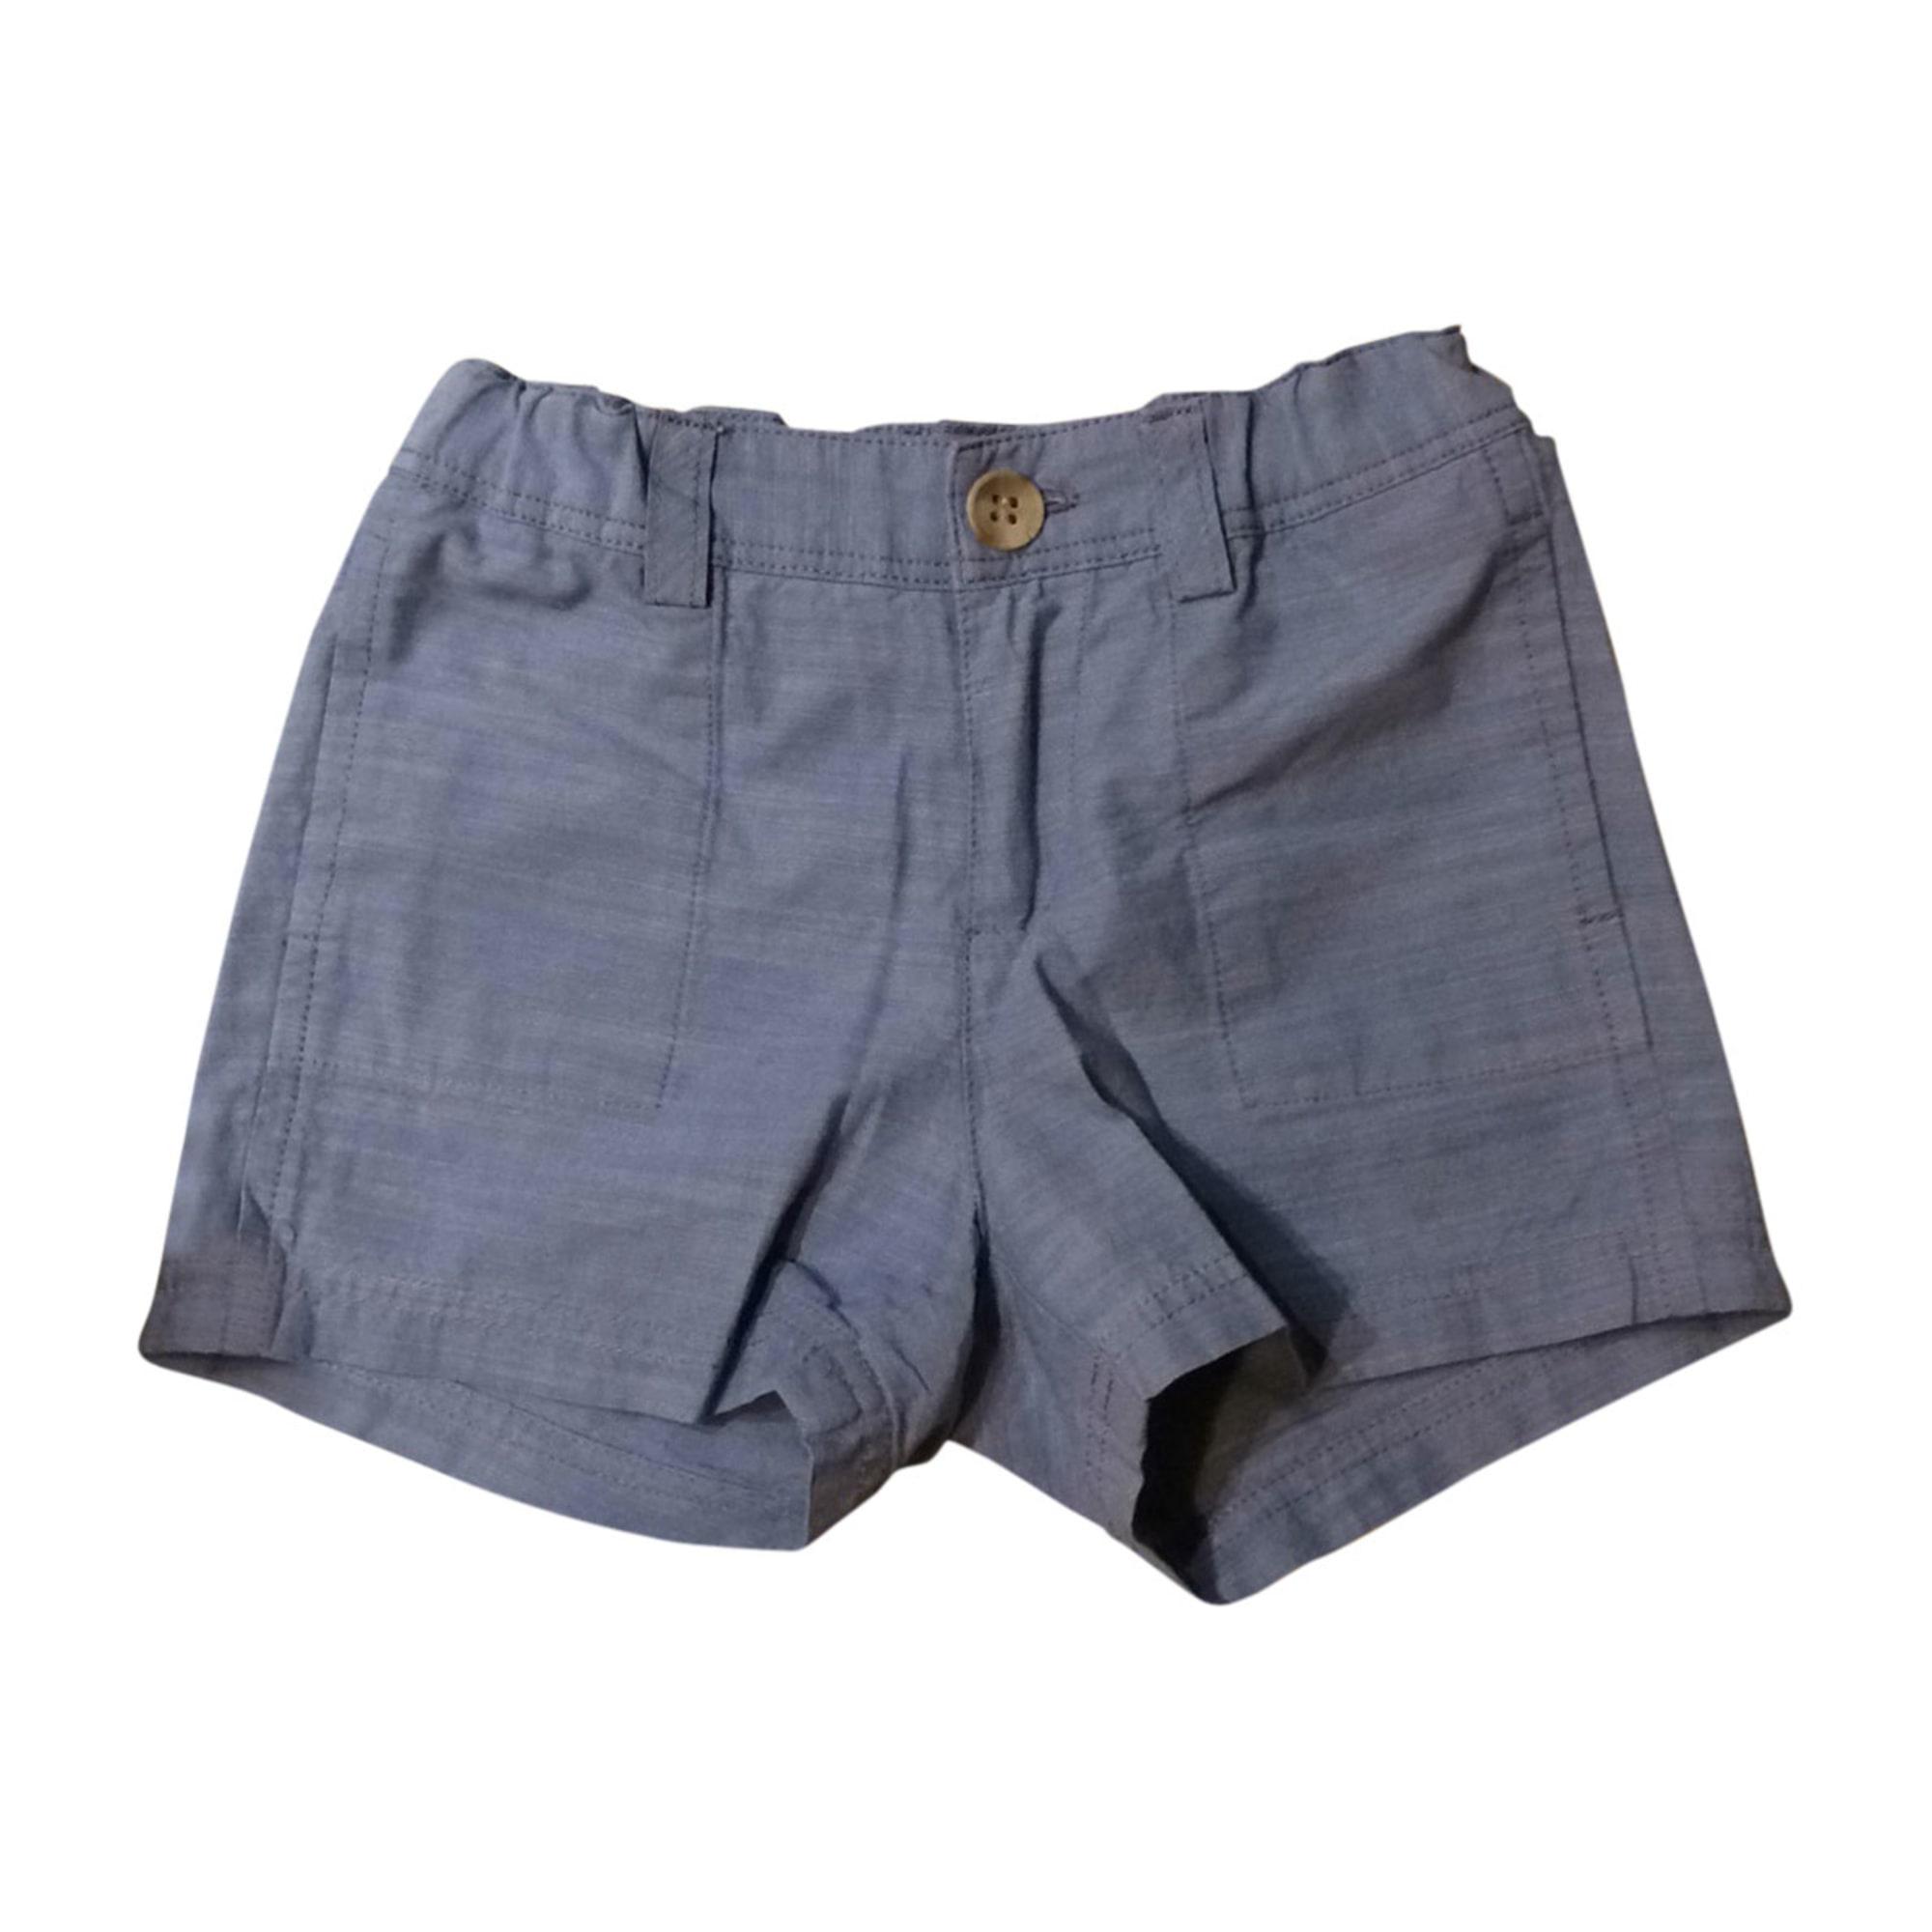 Shorts BONPOINT Blue, navy, turquoise